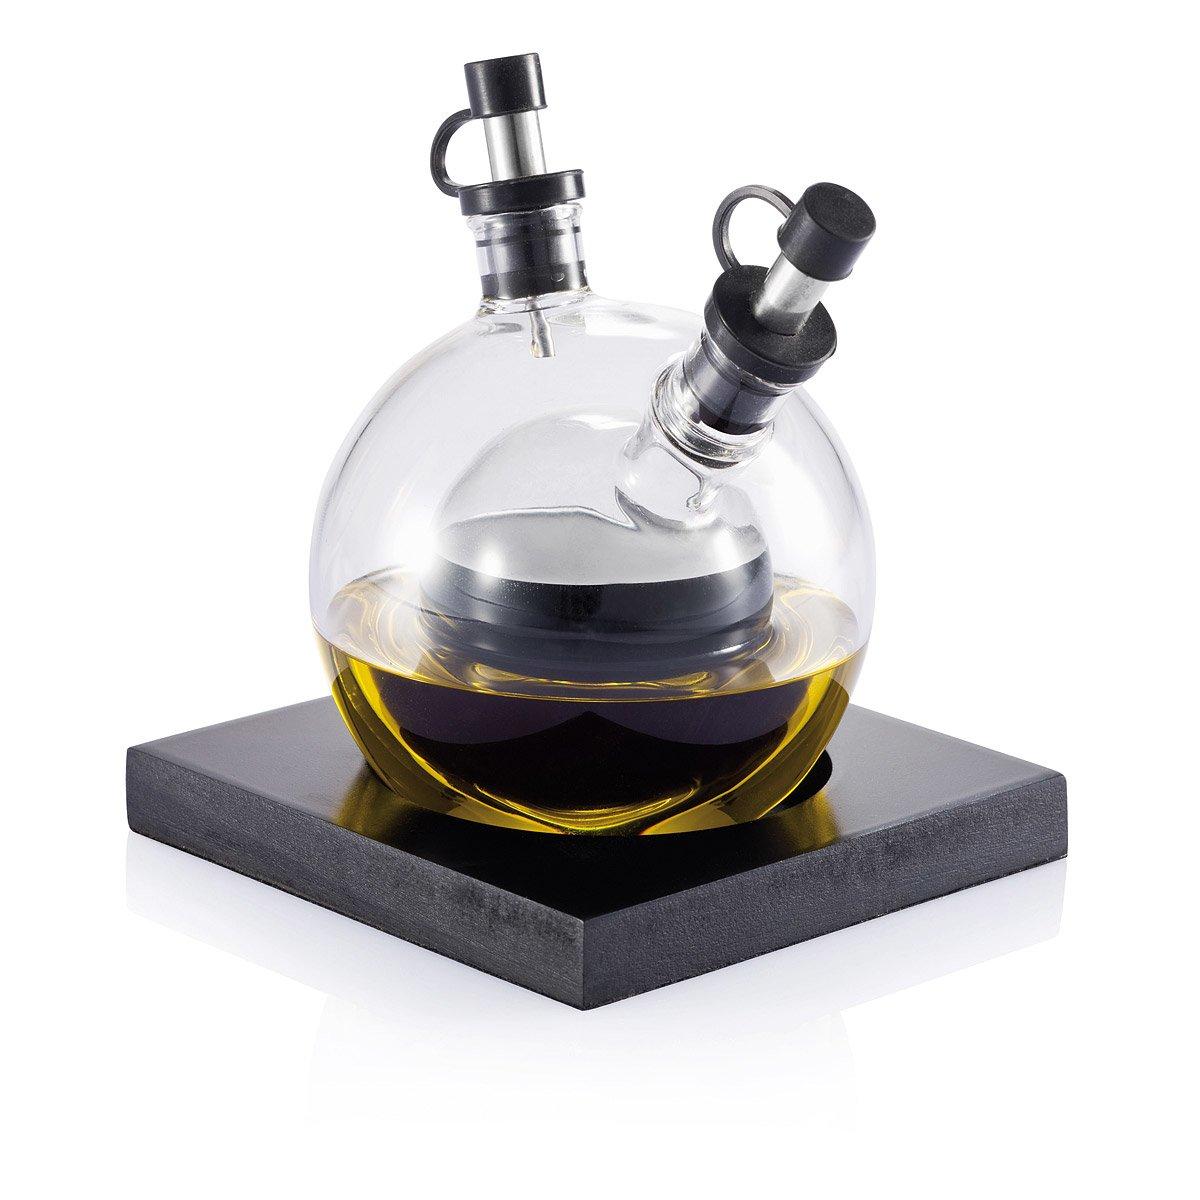 orbit oil and vinegar set  modern glass oil and vinegar set  - orbit oil and vinegar set  thumbnail